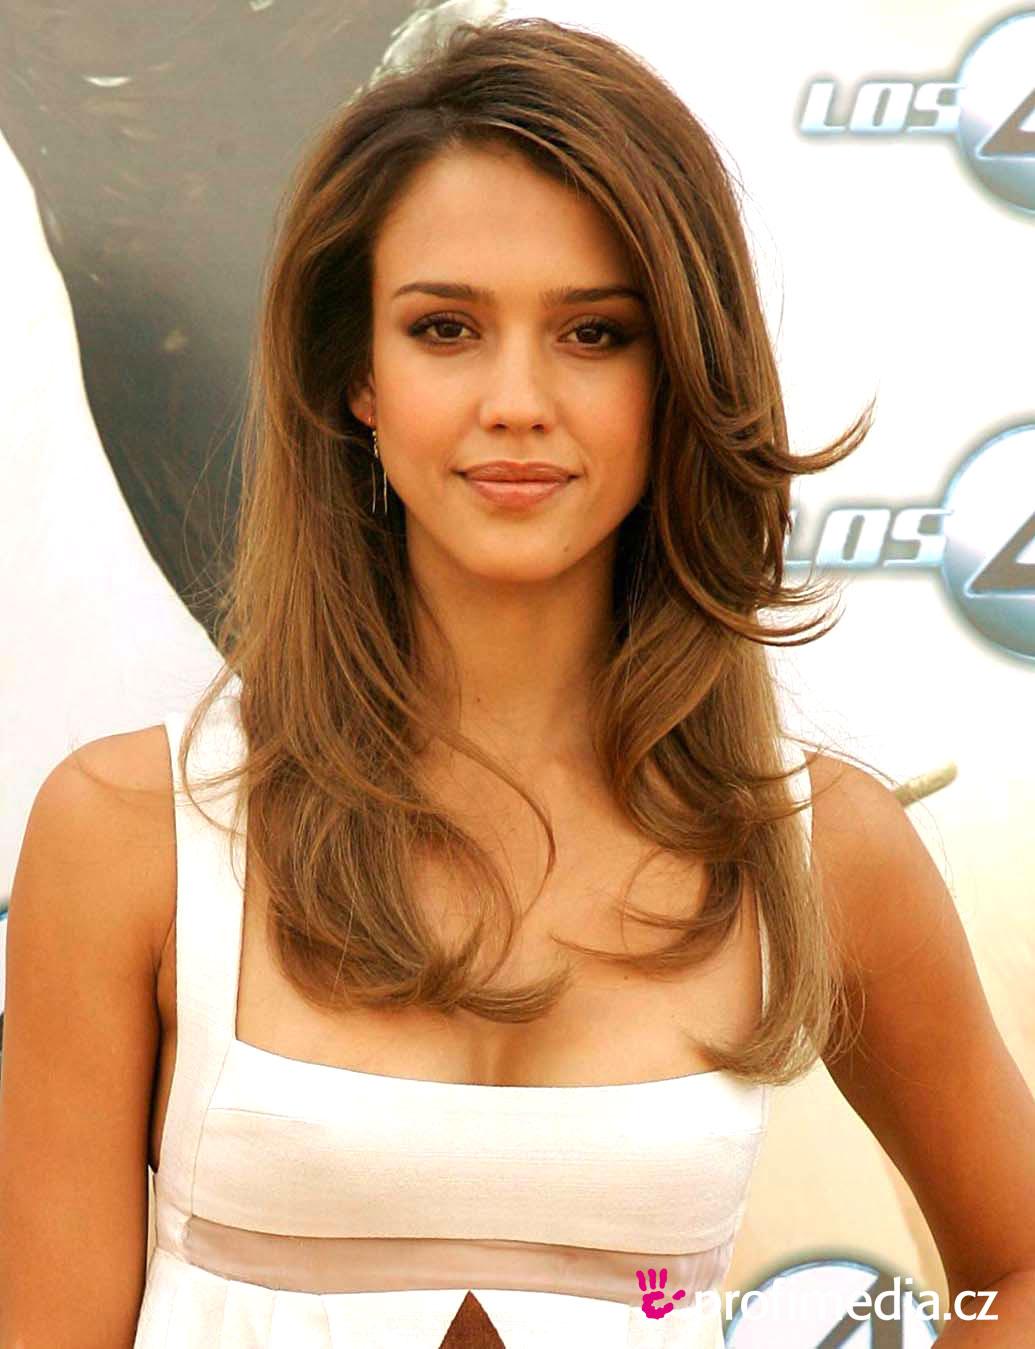 Jessica simpson oder Jessica alba????? 4 - Männer -